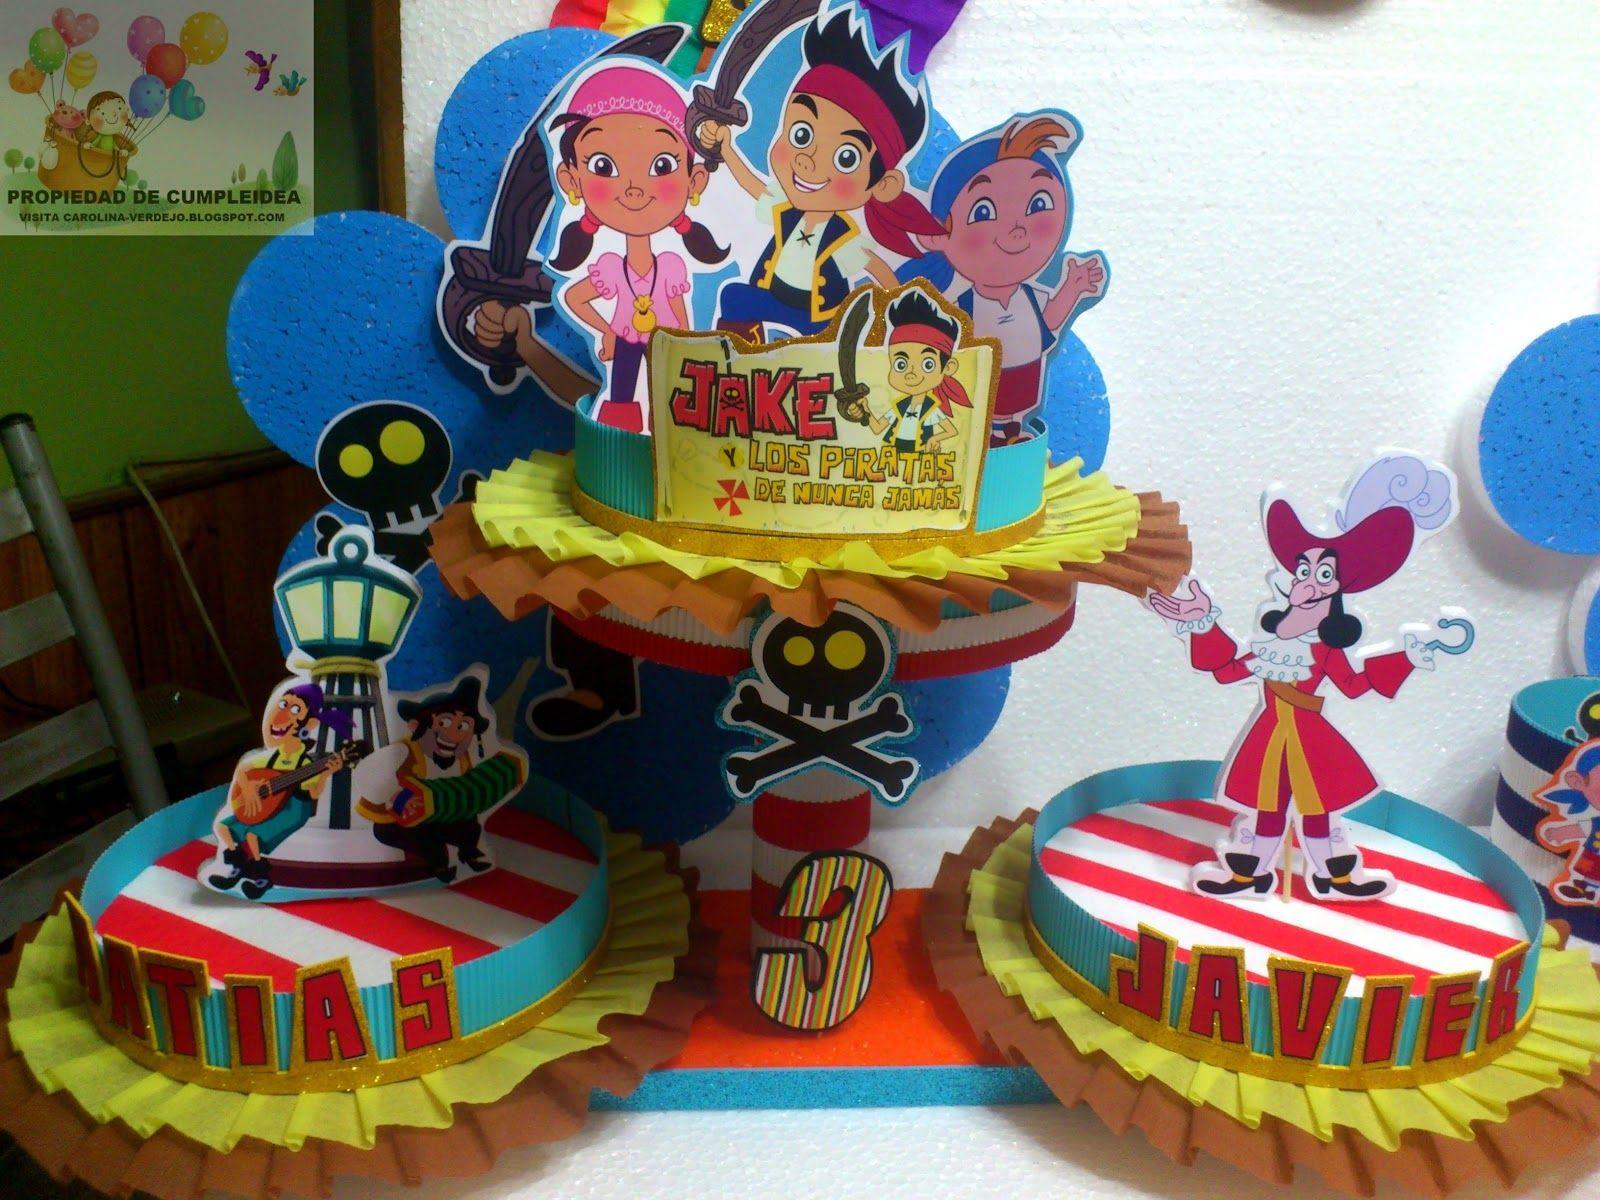 Decoraciones infantiles jake y los piratas de nunca jamas for Decoraciones infantiles para ninos